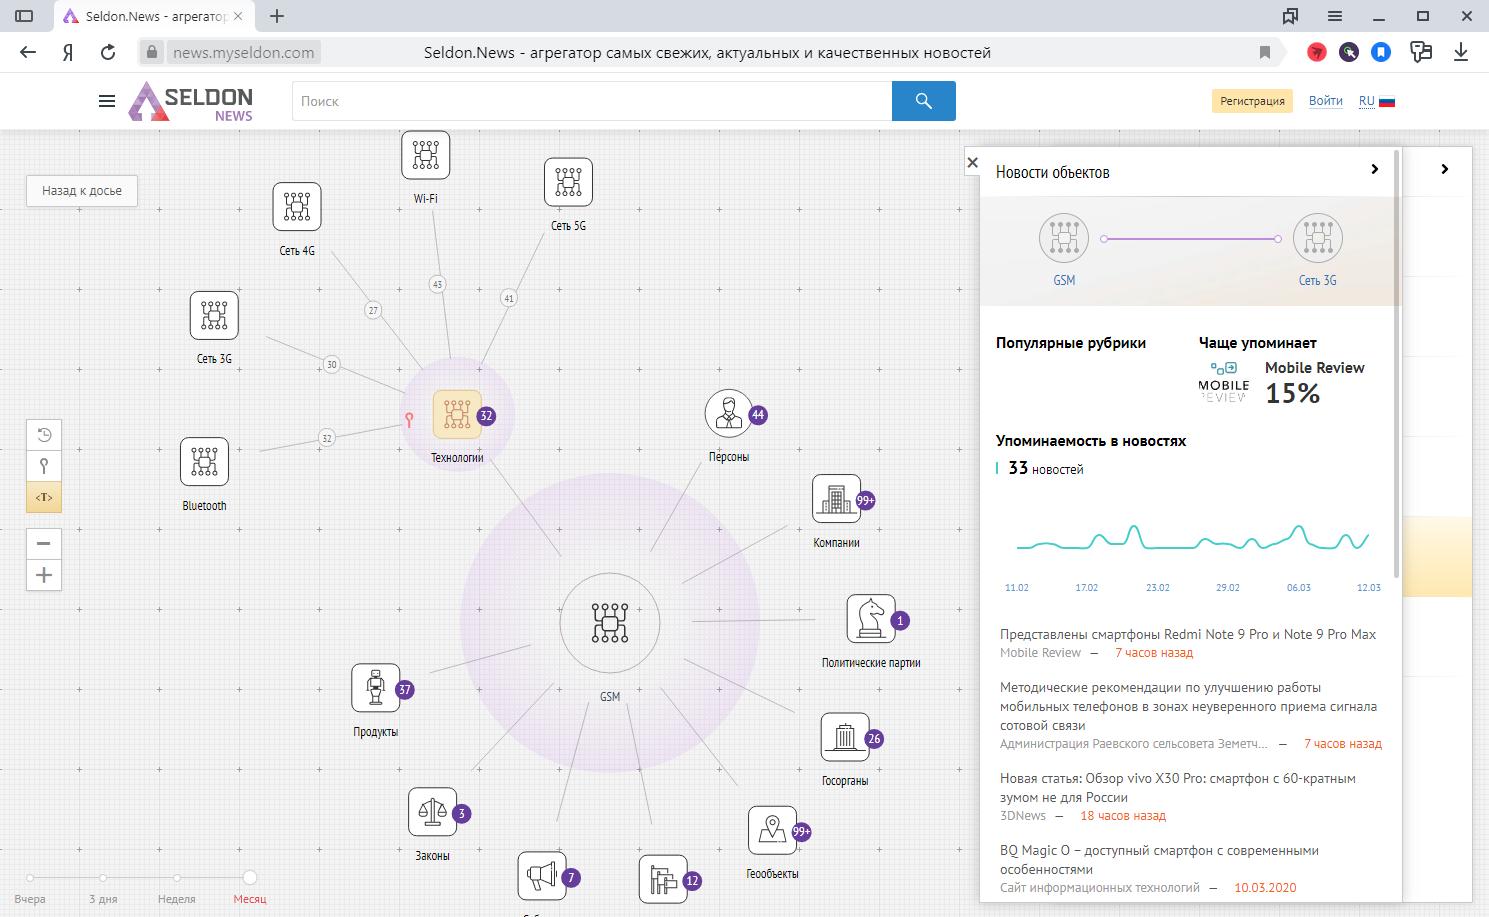 Анализ связей информационных объектов в агрегаторе СМИ Seldon.News